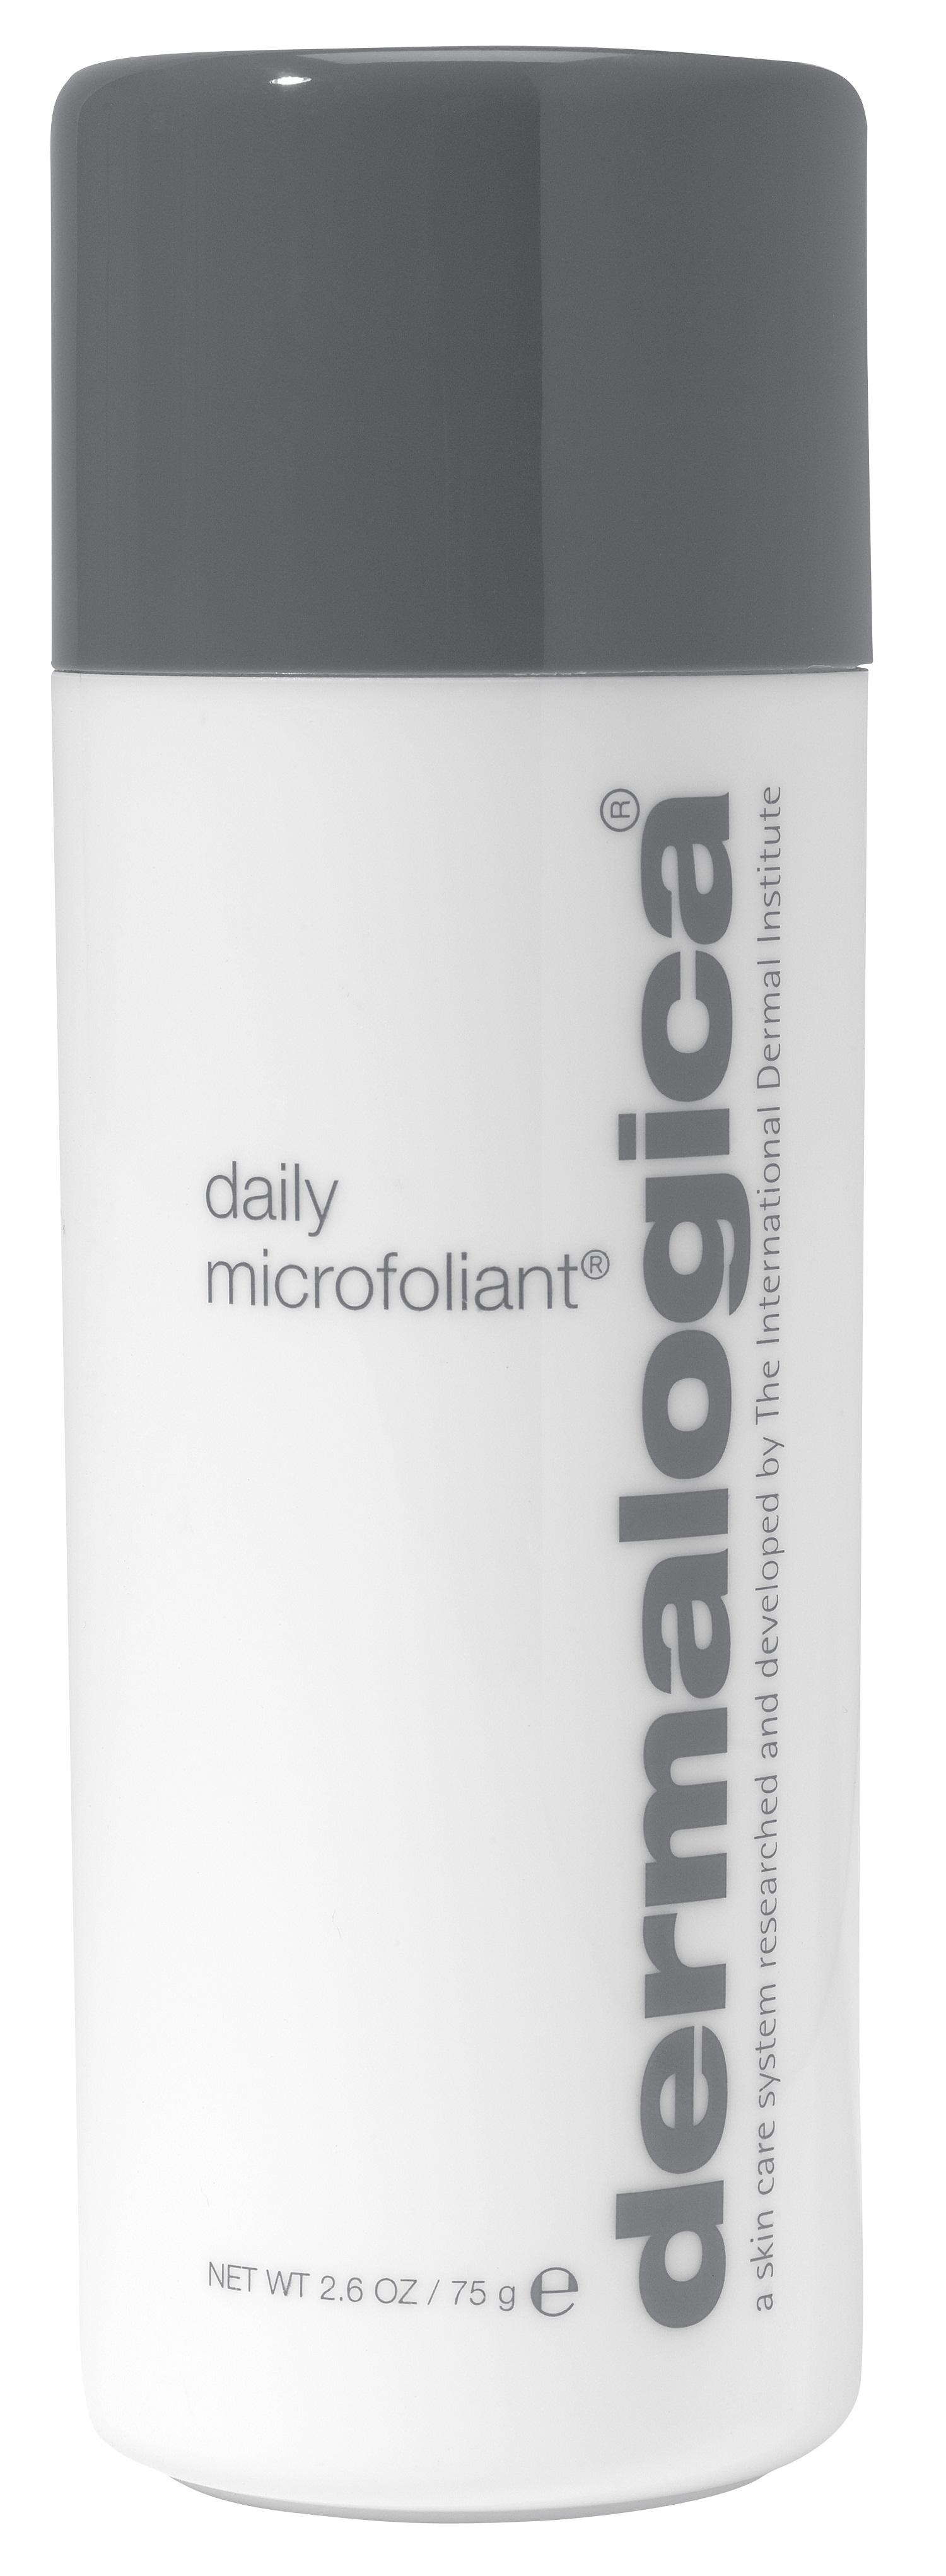 Dermalogica Exfoliant Daily Microfoliant